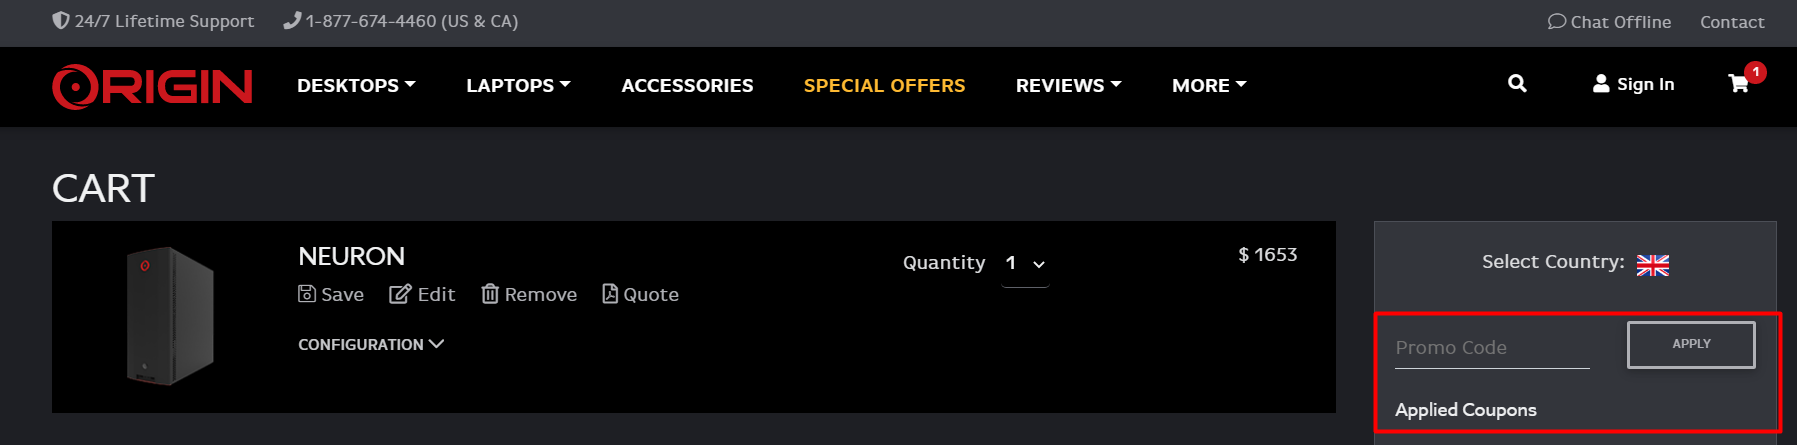 How do I use my ORIGIN PC discount code?